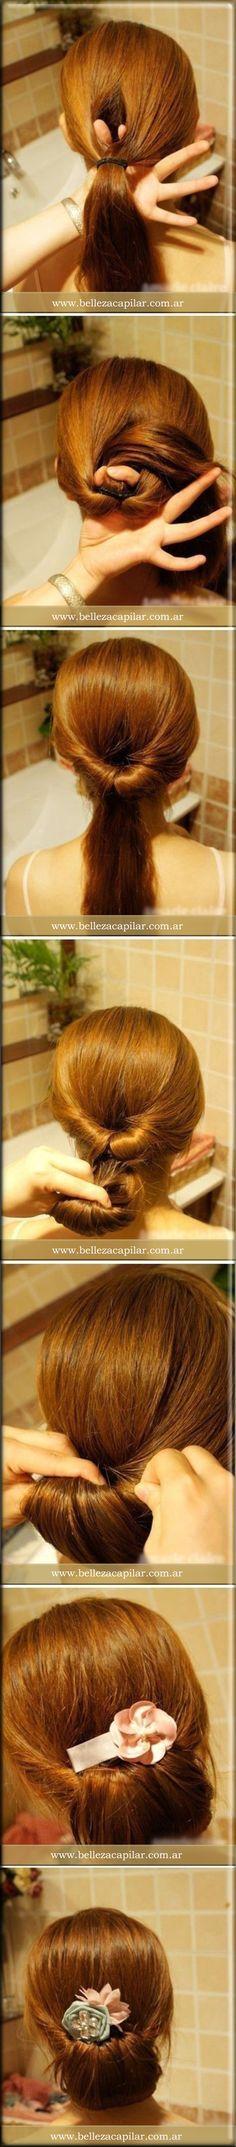 Un peinado fácil de realizar paso a paso... Christian Diaz by. Belleza Capilar www.bellezacapilar.com.ar